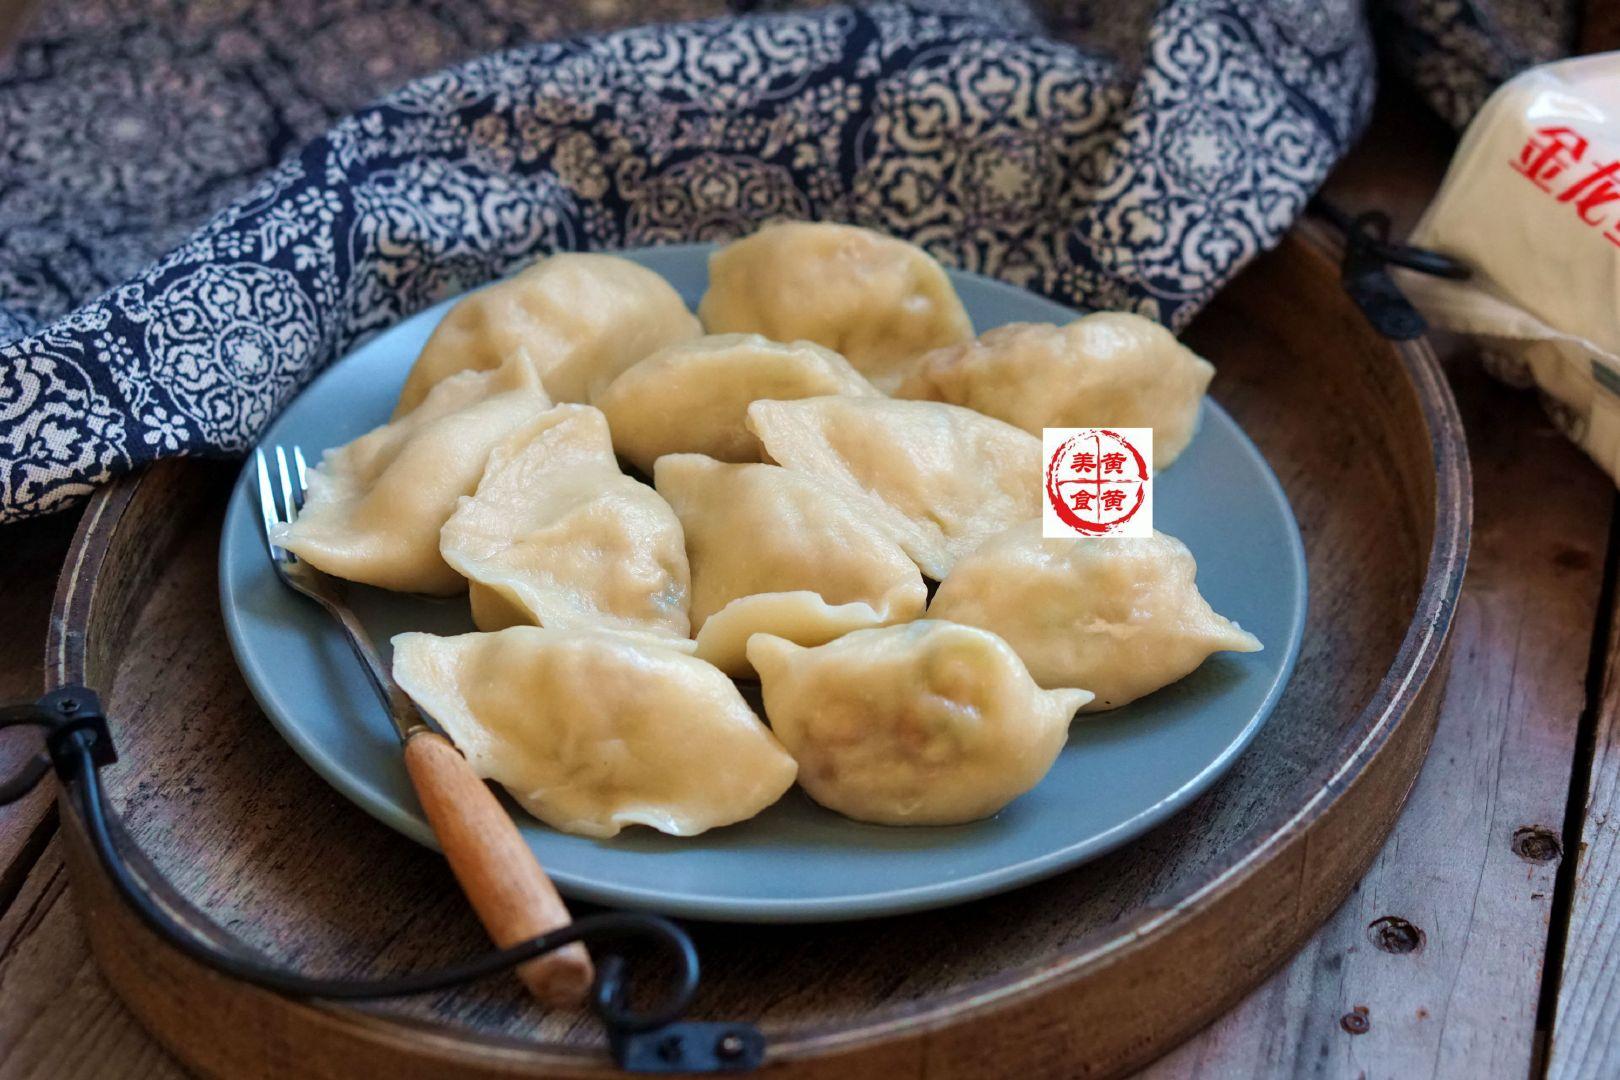 饺子好吃有秘诀,加上这两样,一咬满嘴汁,冬天要多吃,太香啦